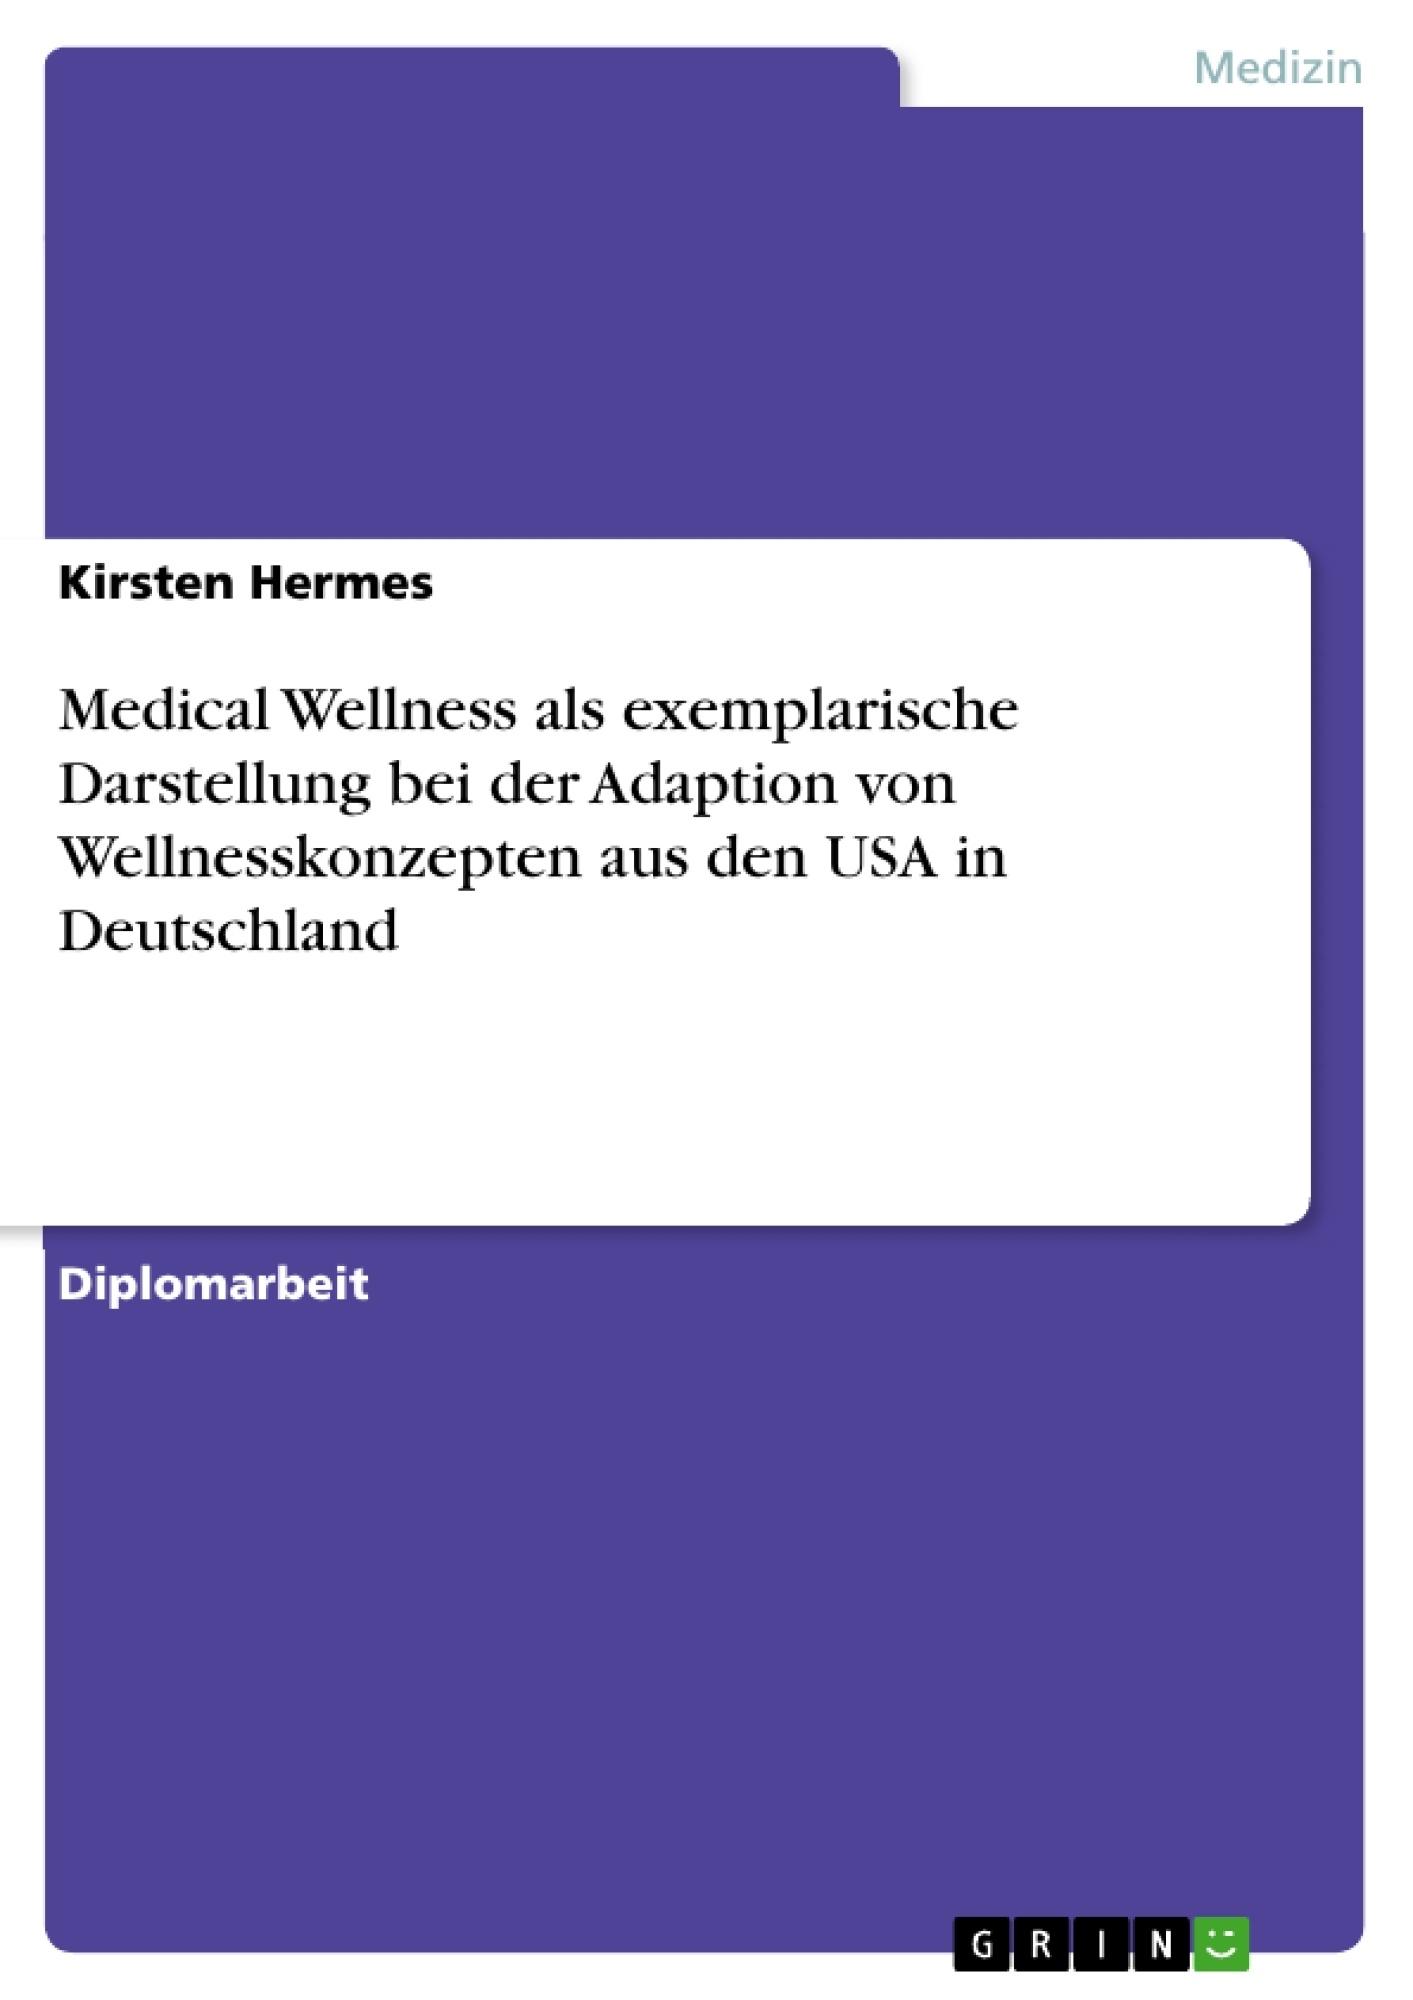 Titel: Medical Wellness als exemplarische Darstellung bei der Adaption von Wellnesskonzepten aus den USA in Deutschland